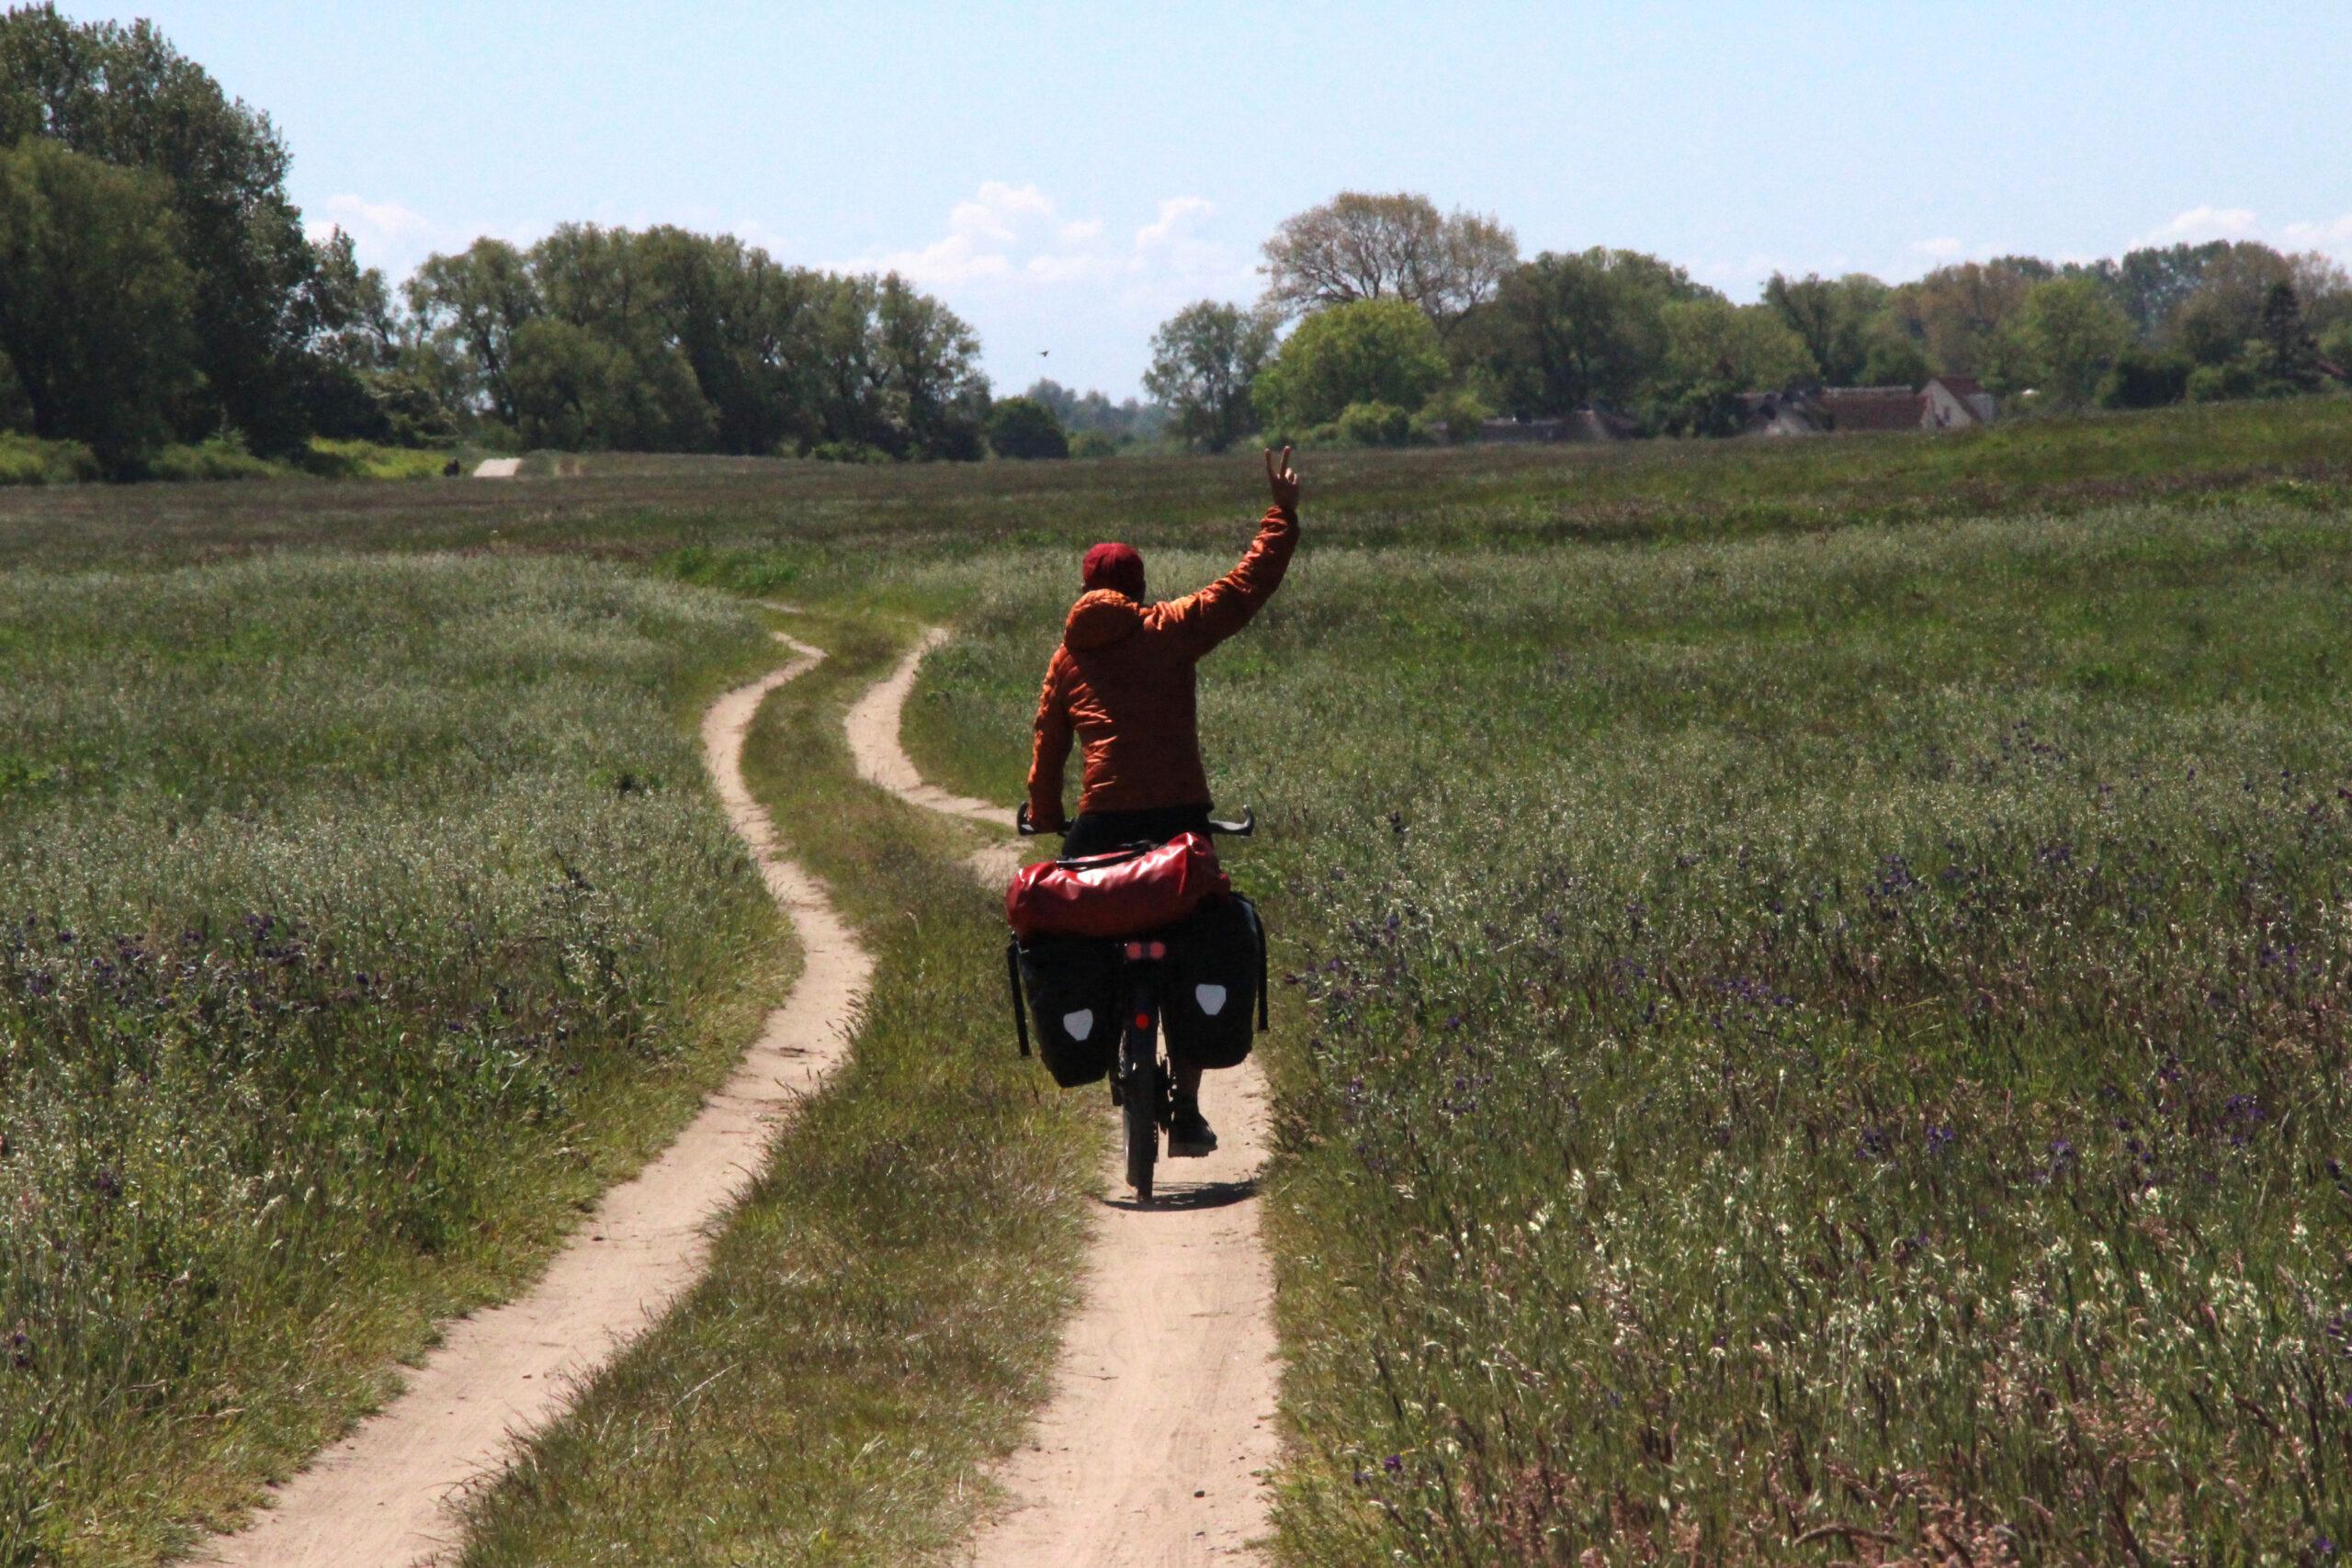 Qui peut voyager à vélo ?